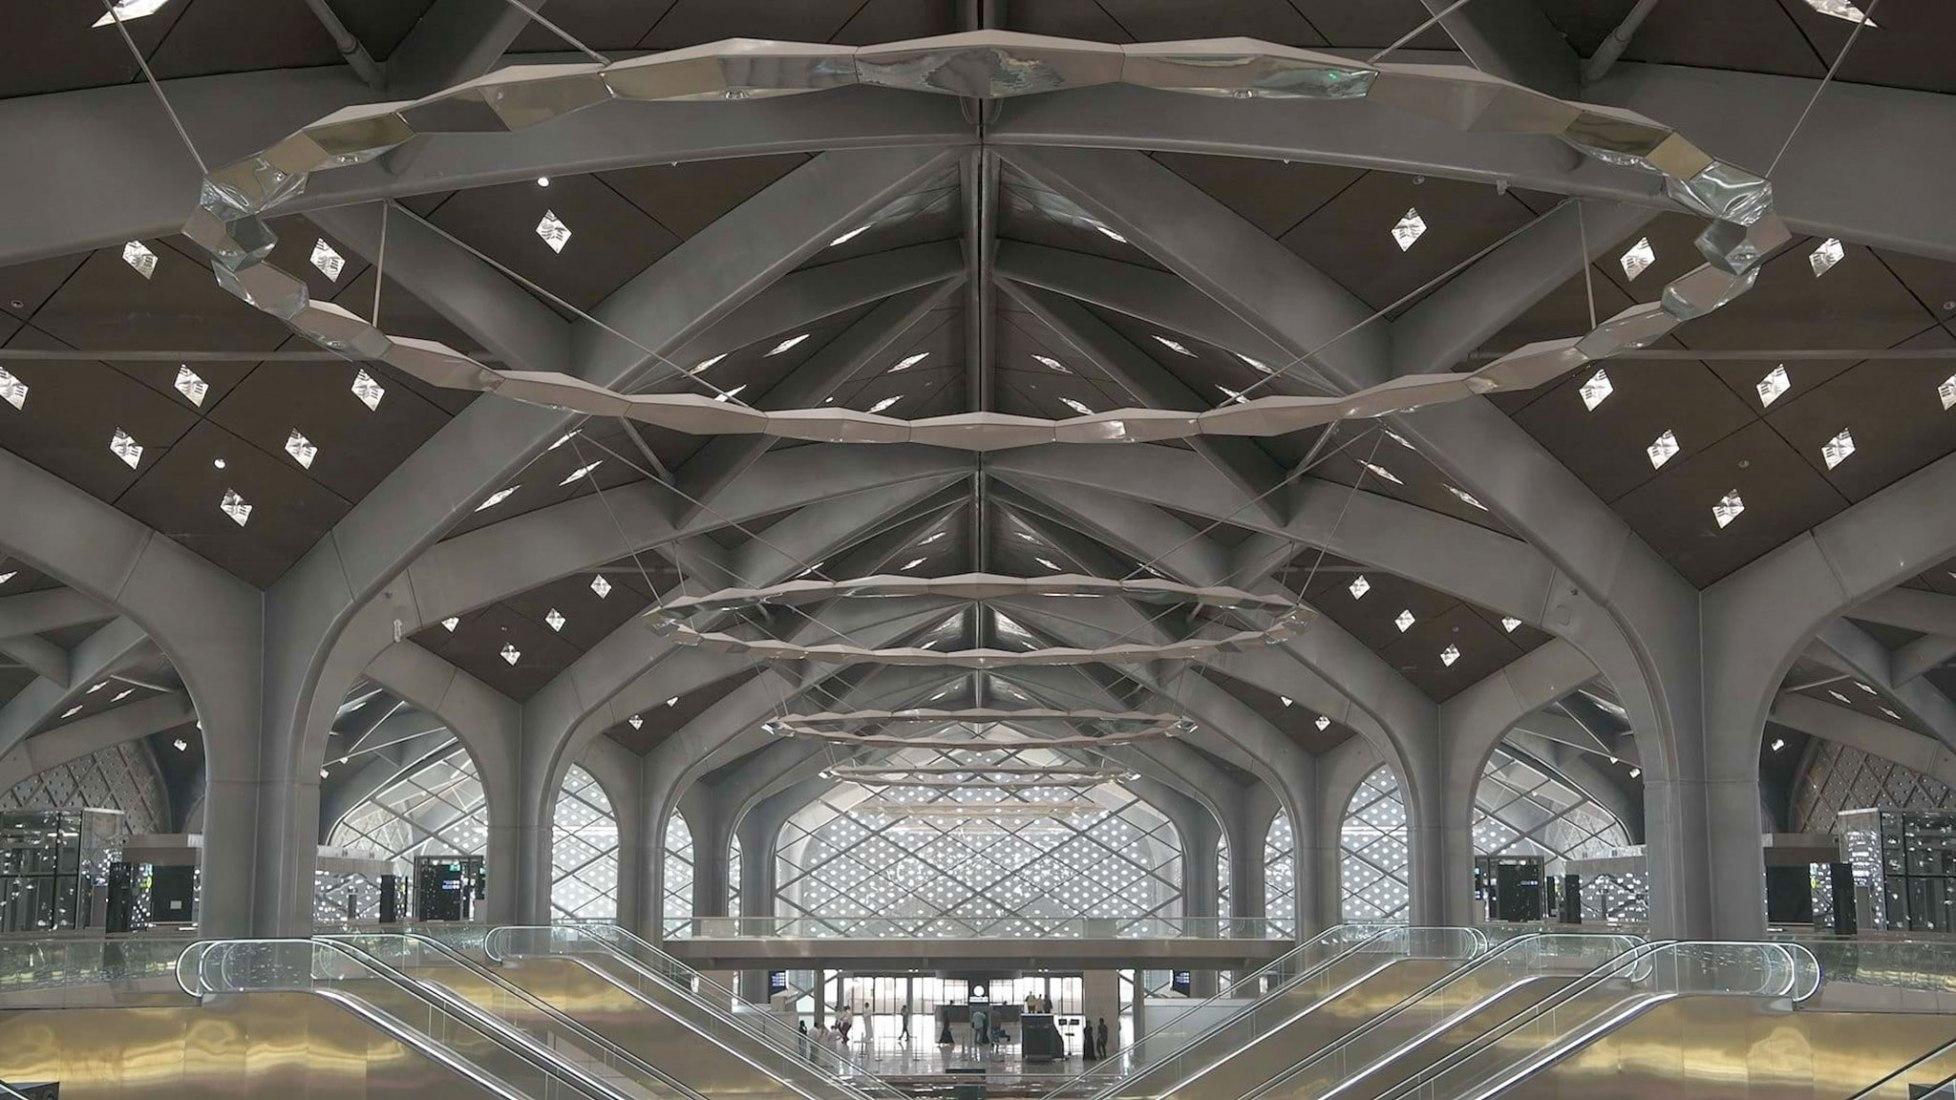 Estación de alta velocidad de Haramain por Foster + Partners. Fotografía por Nigel Young / Foster + Partners